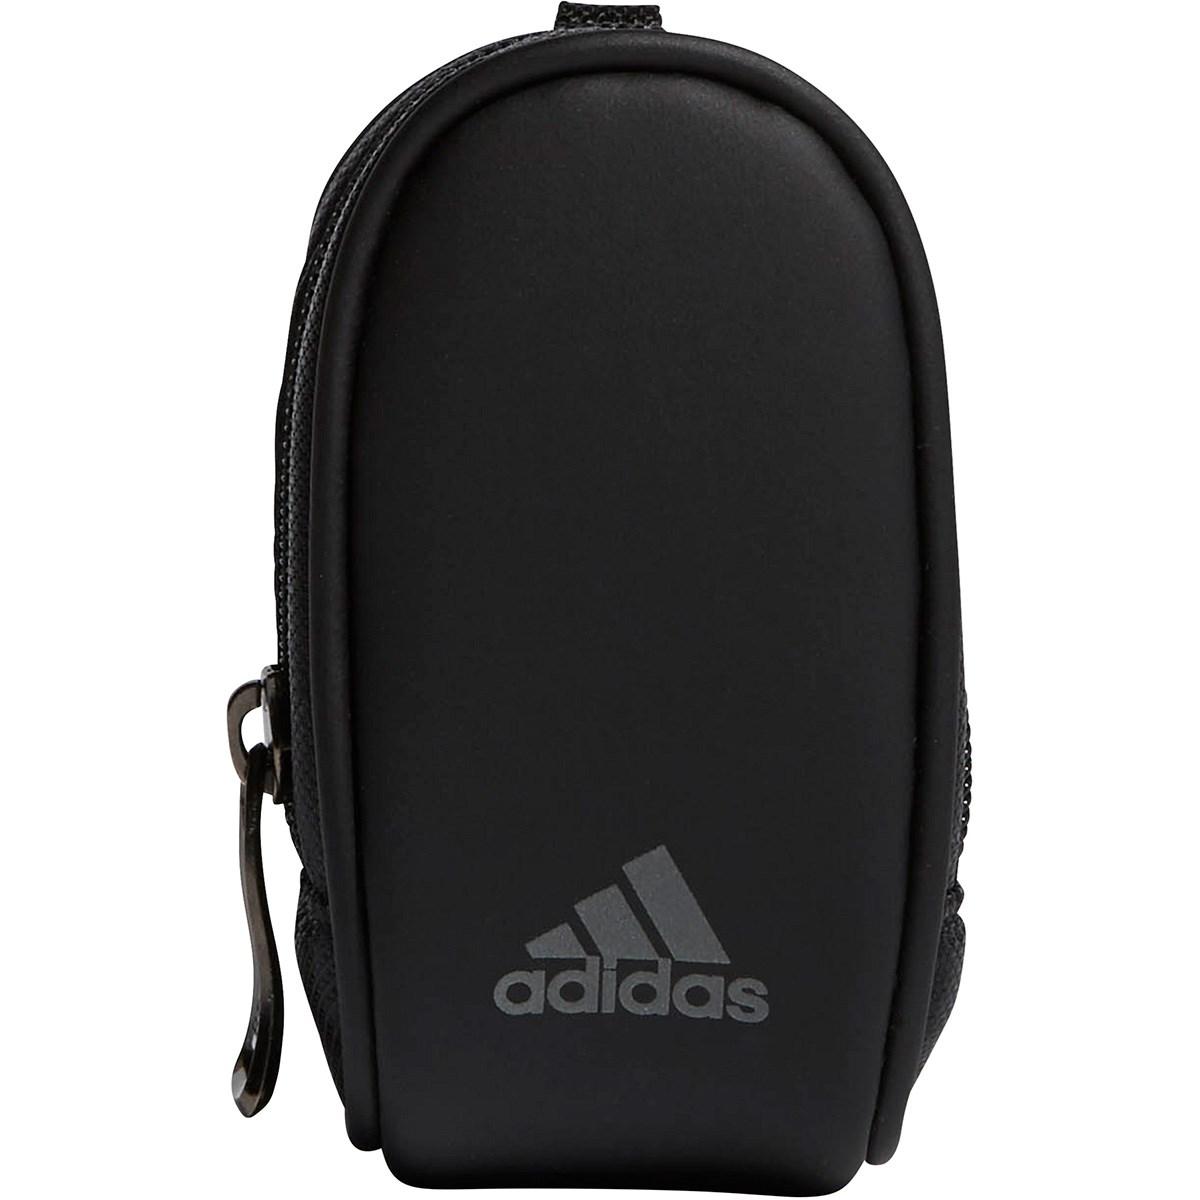 アディダス(adidas) マットポリウレタン ボールケース